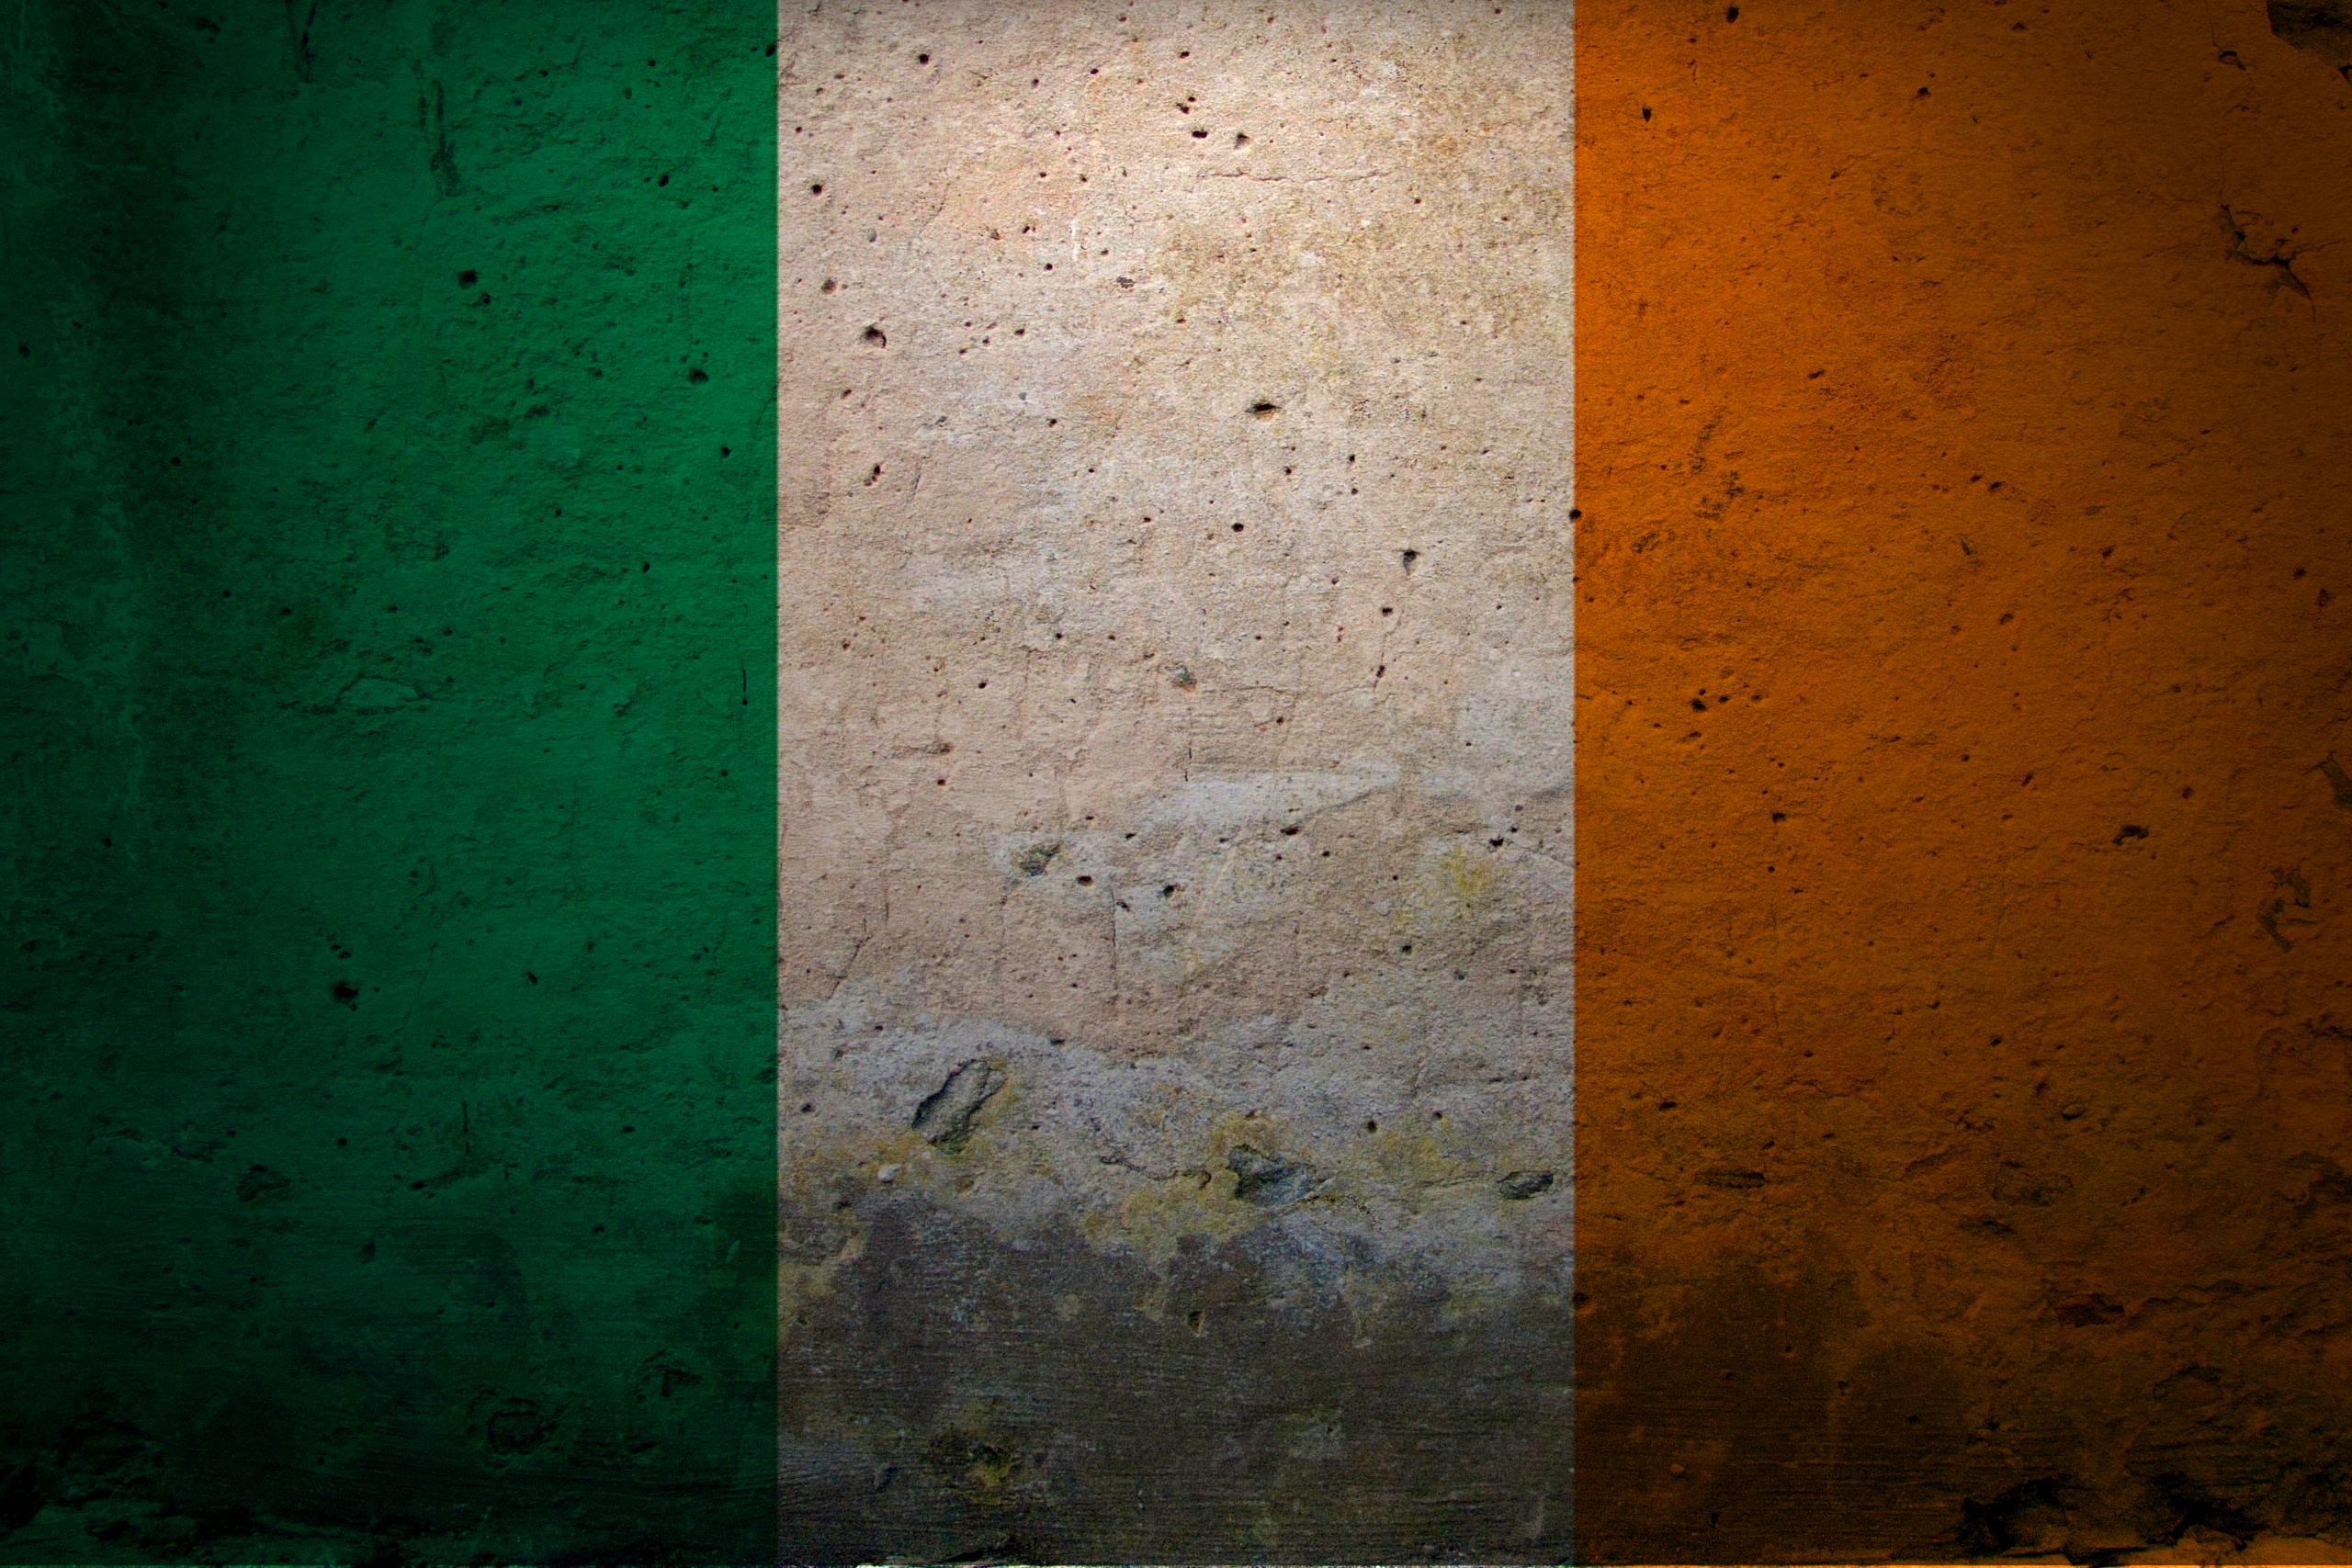 Flag Of Ireland Computer Wallpapers Desktop Backgrounds